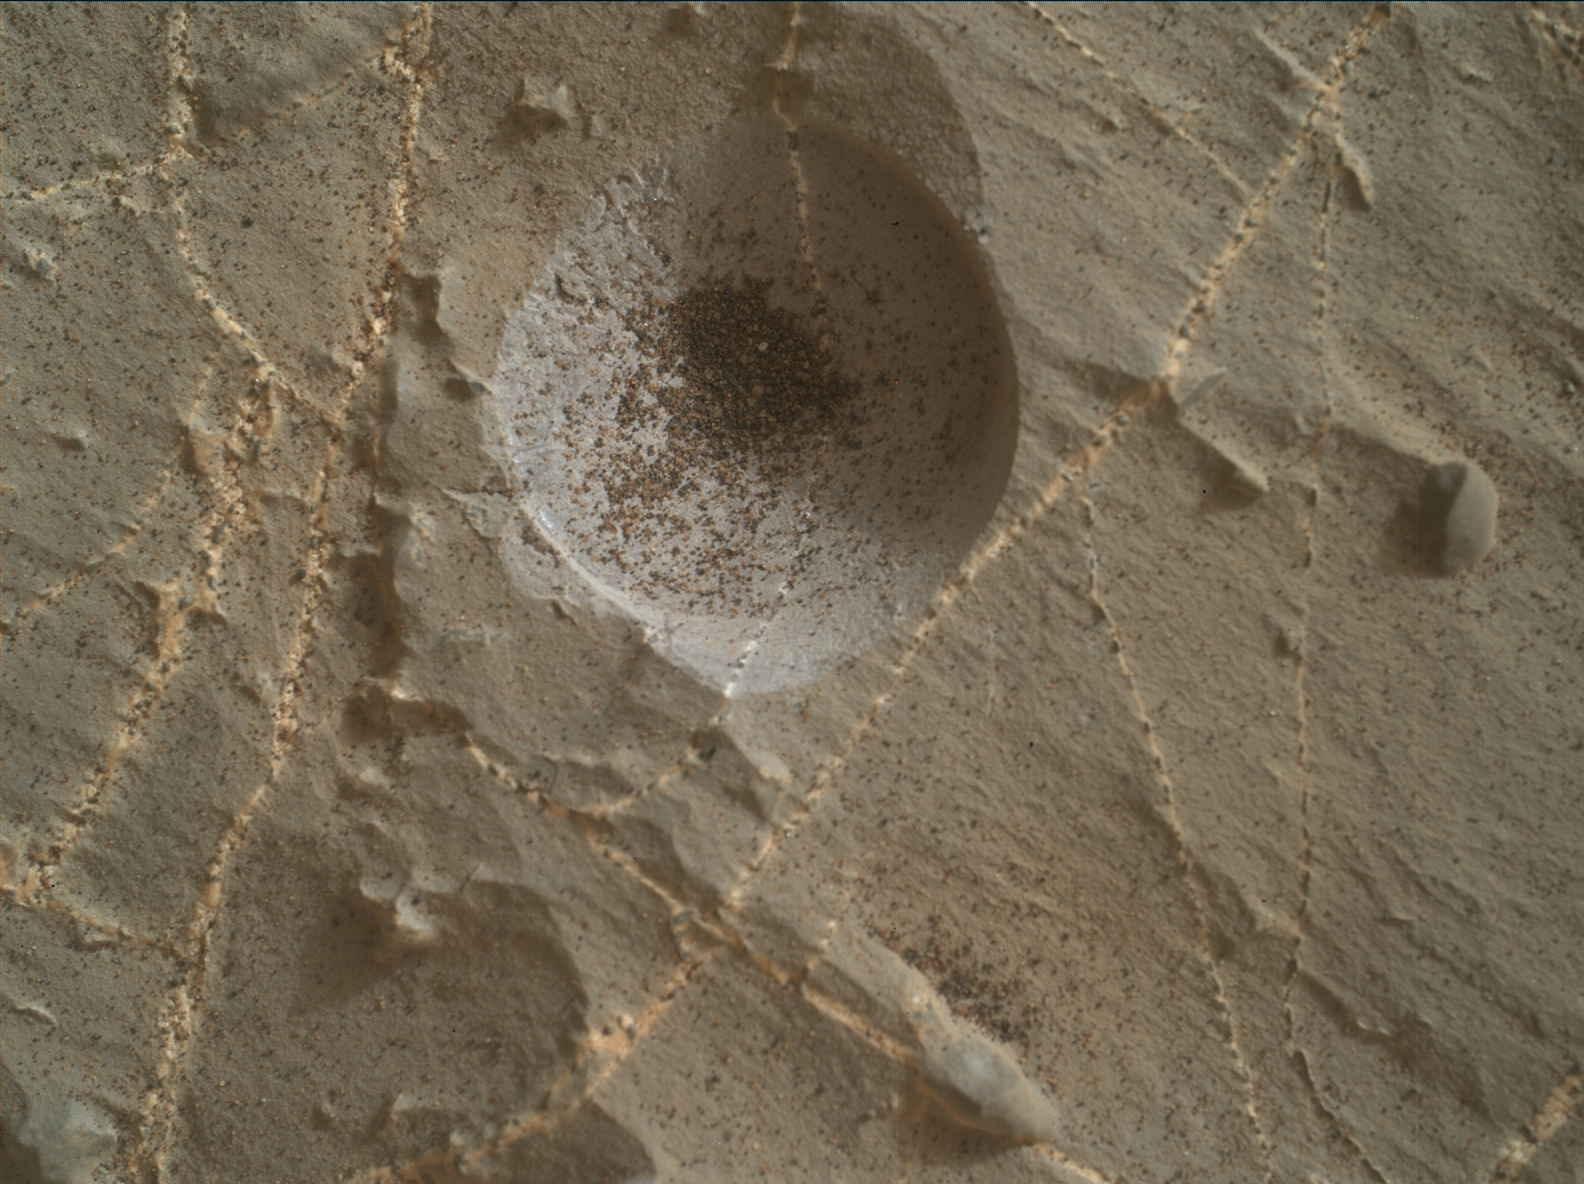 Sols 2219-2221: Curiosity goes bump!